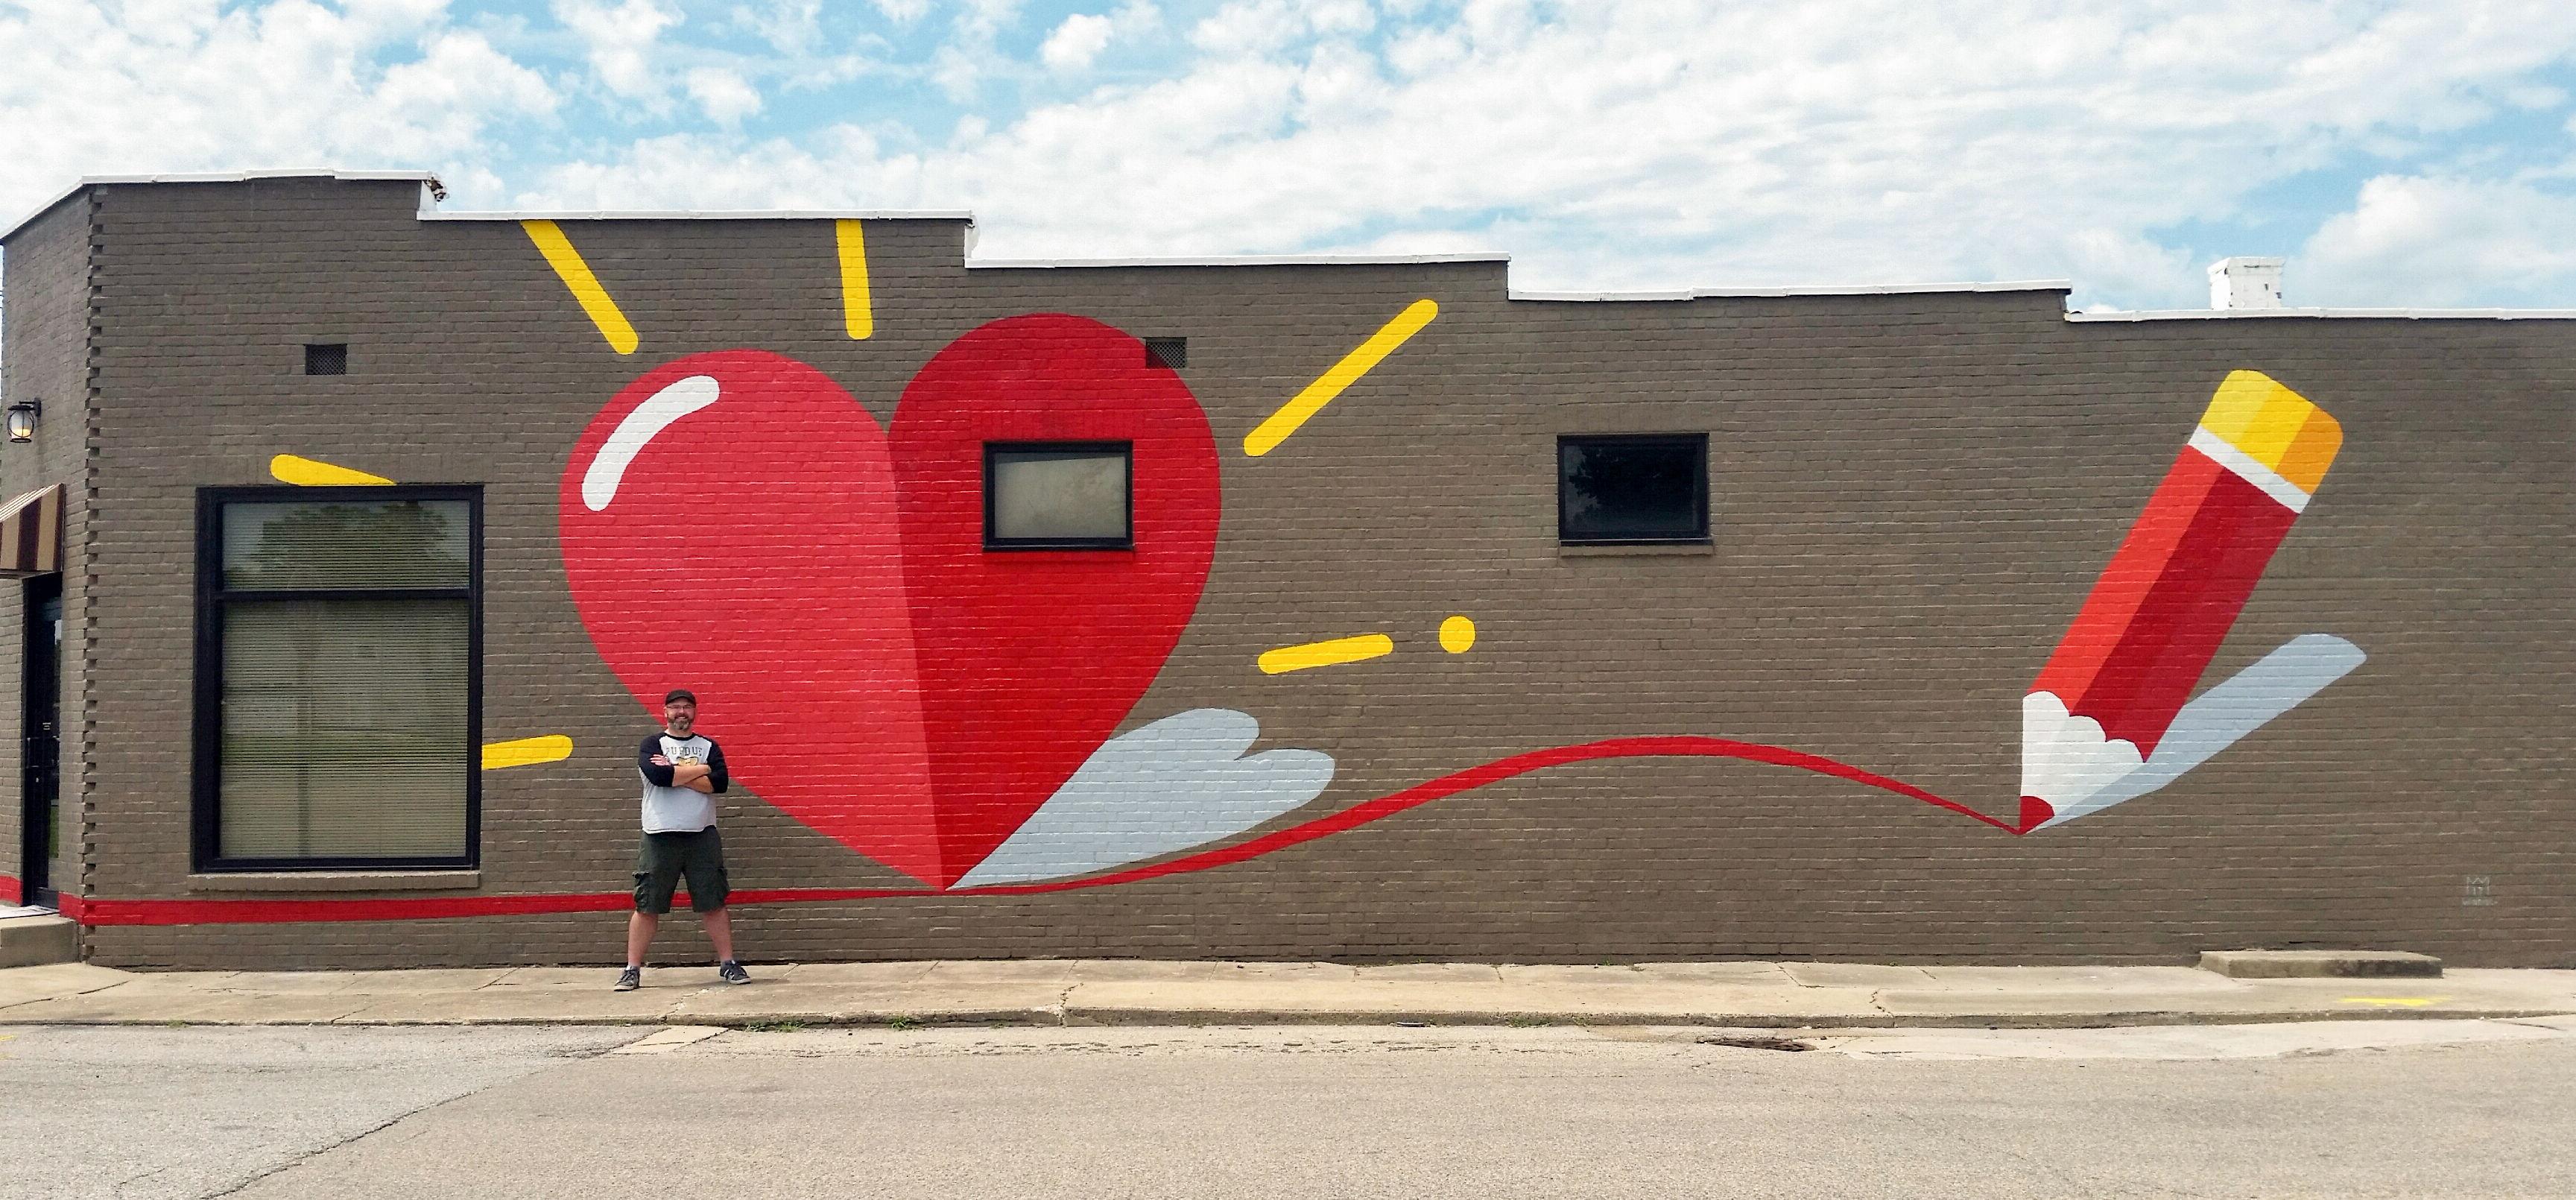 2017 Whiteland mural